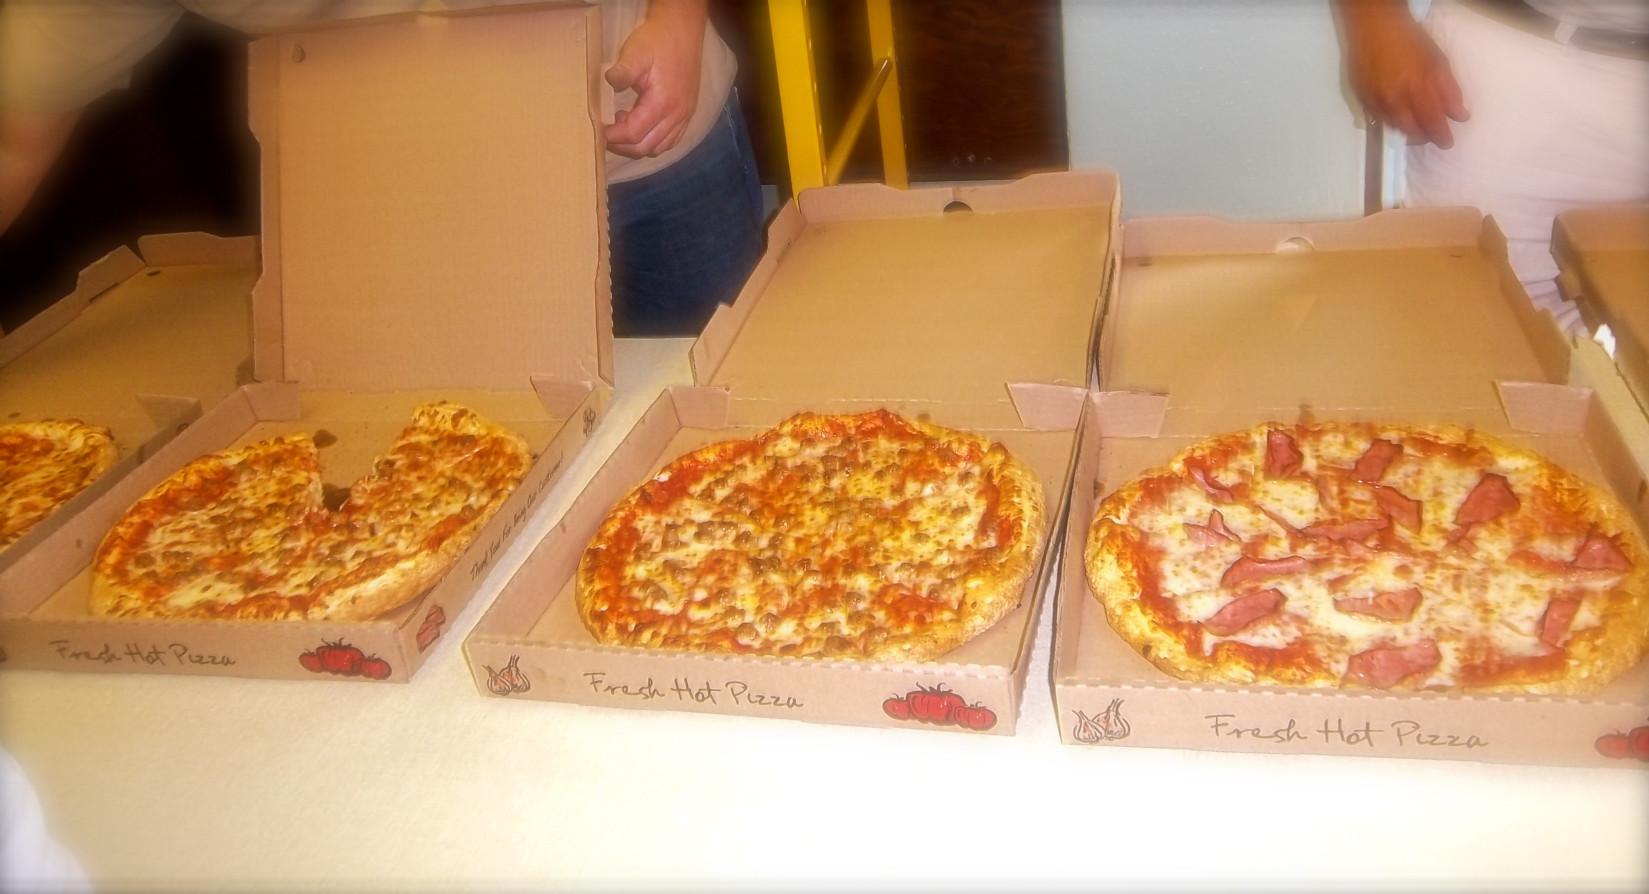 Pizza! Pizza! Pizza!